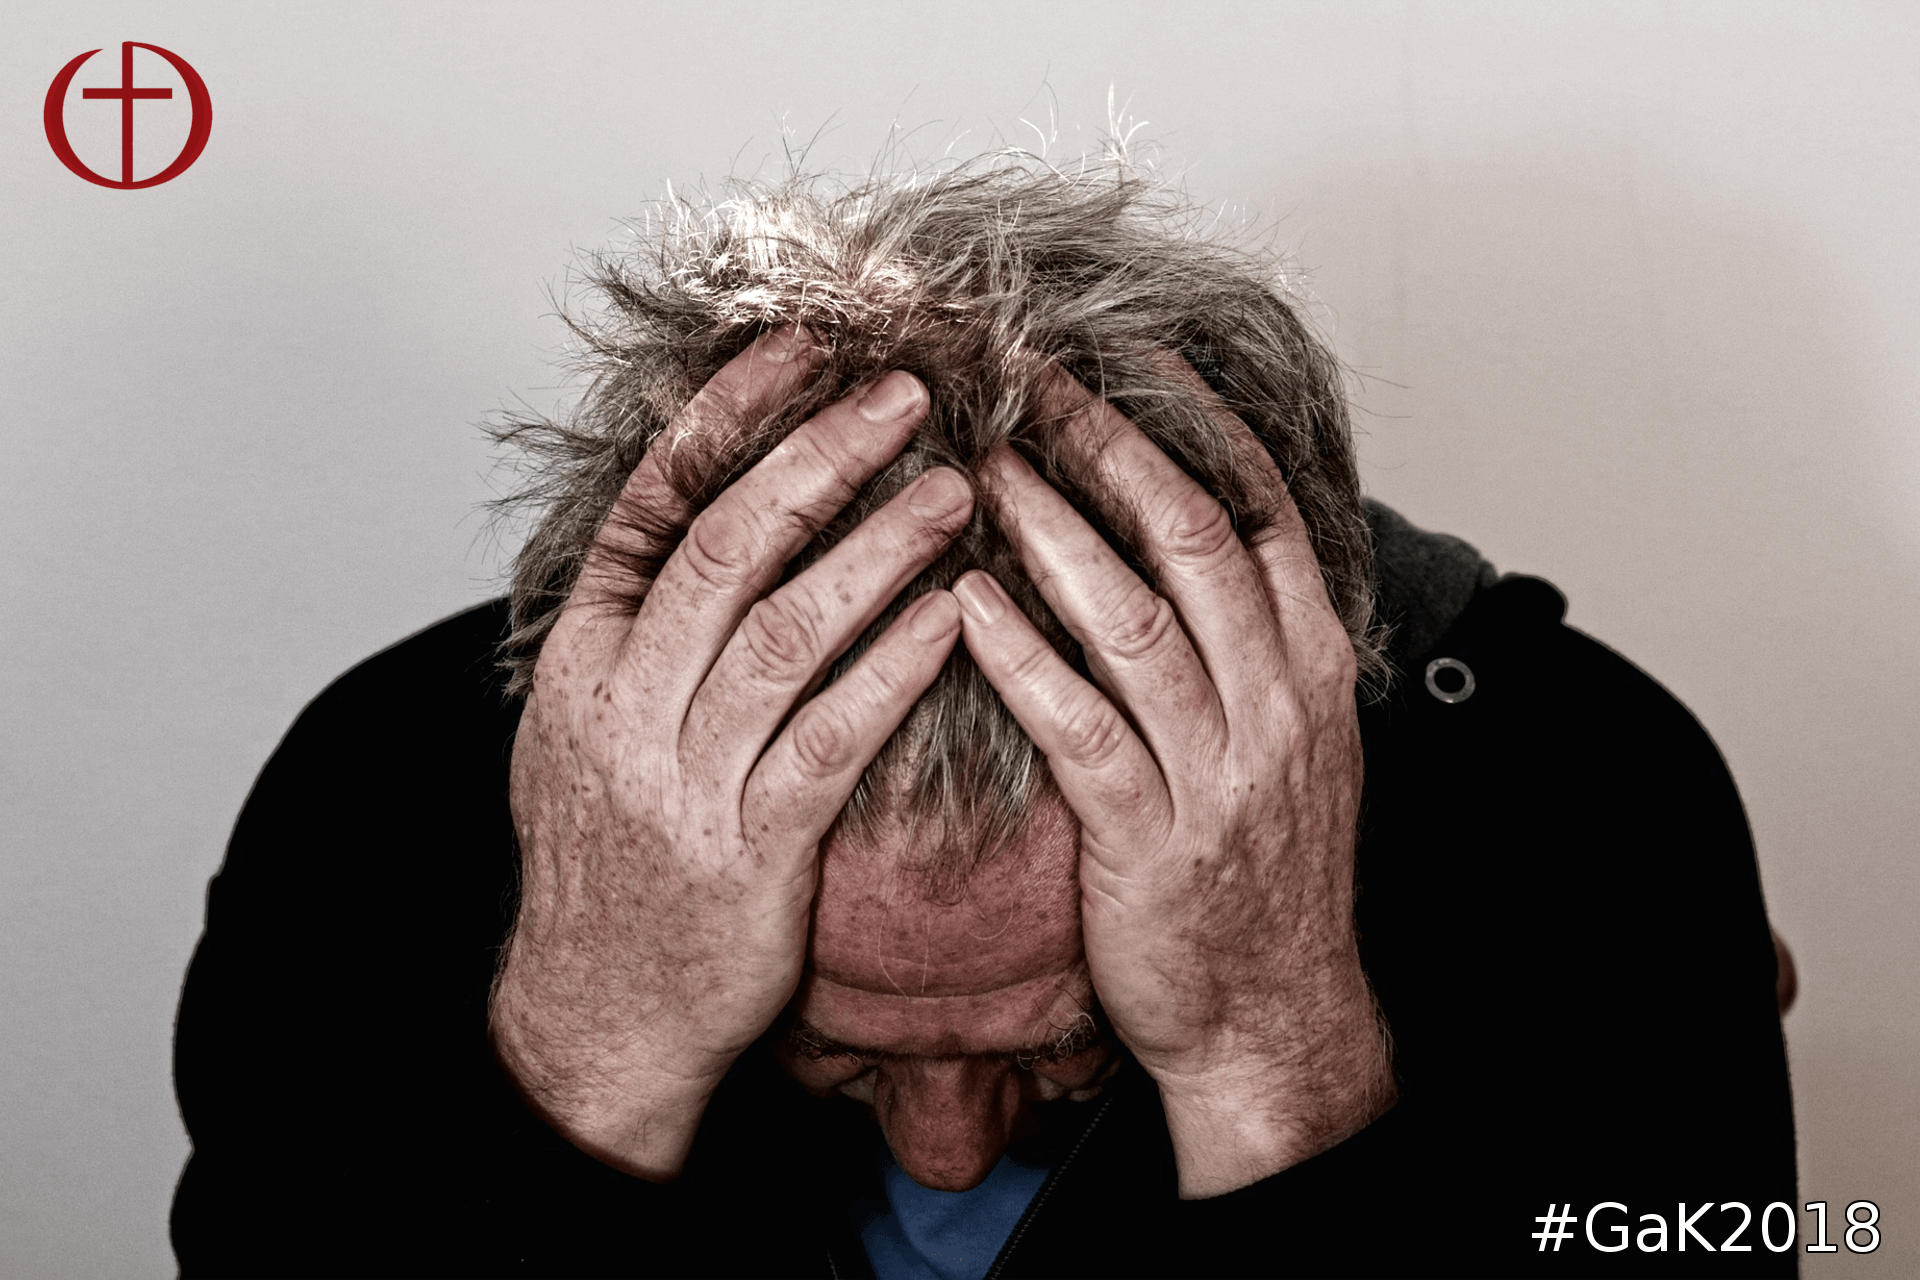 #GaK2018 | 4. Woche: Frustriert daheim!